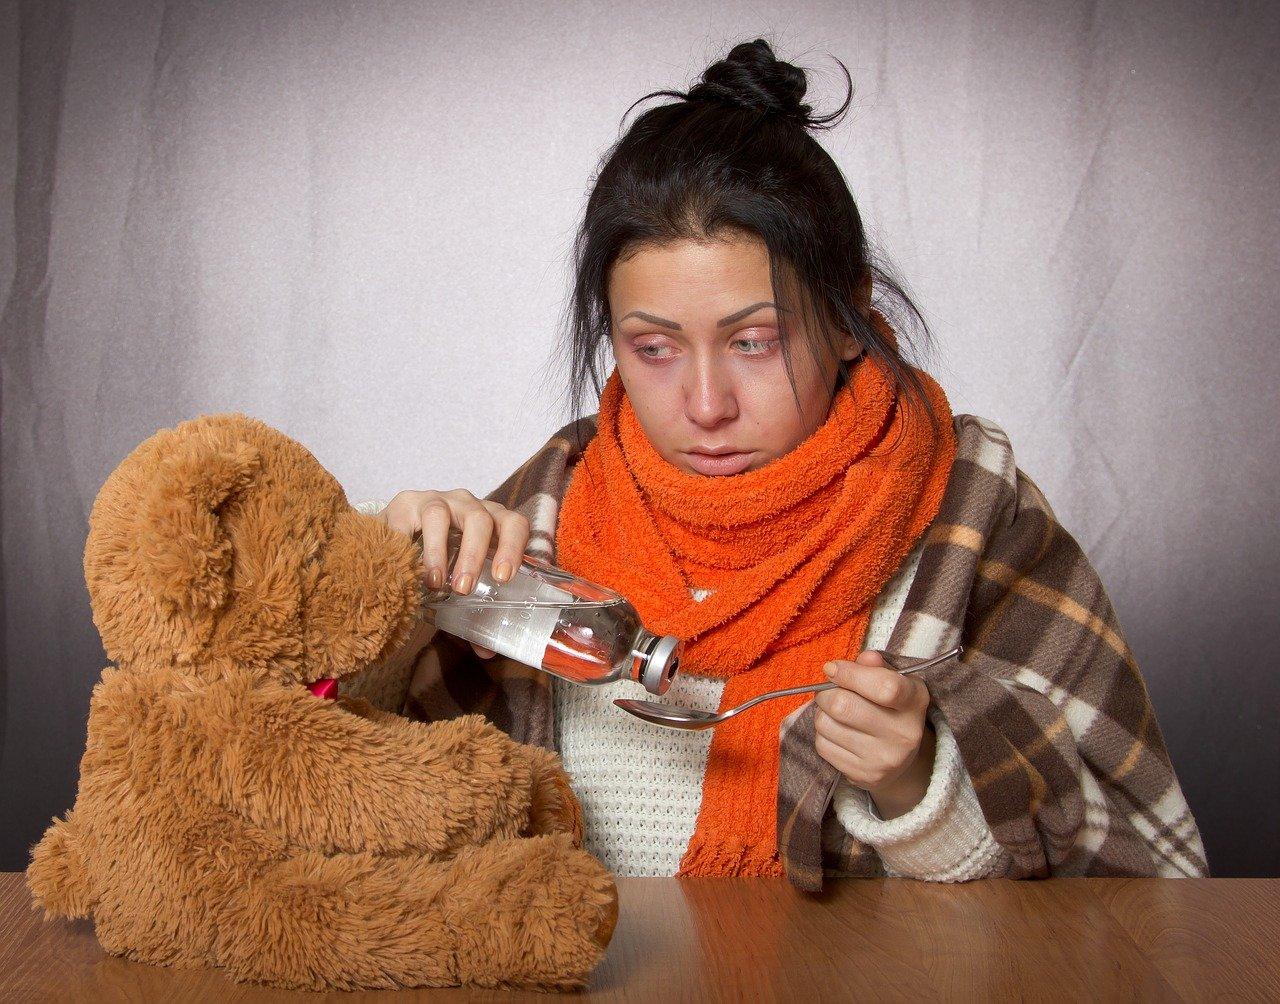 Учёные спрогнозировали подъём заболеваемости гриппом в России к весне